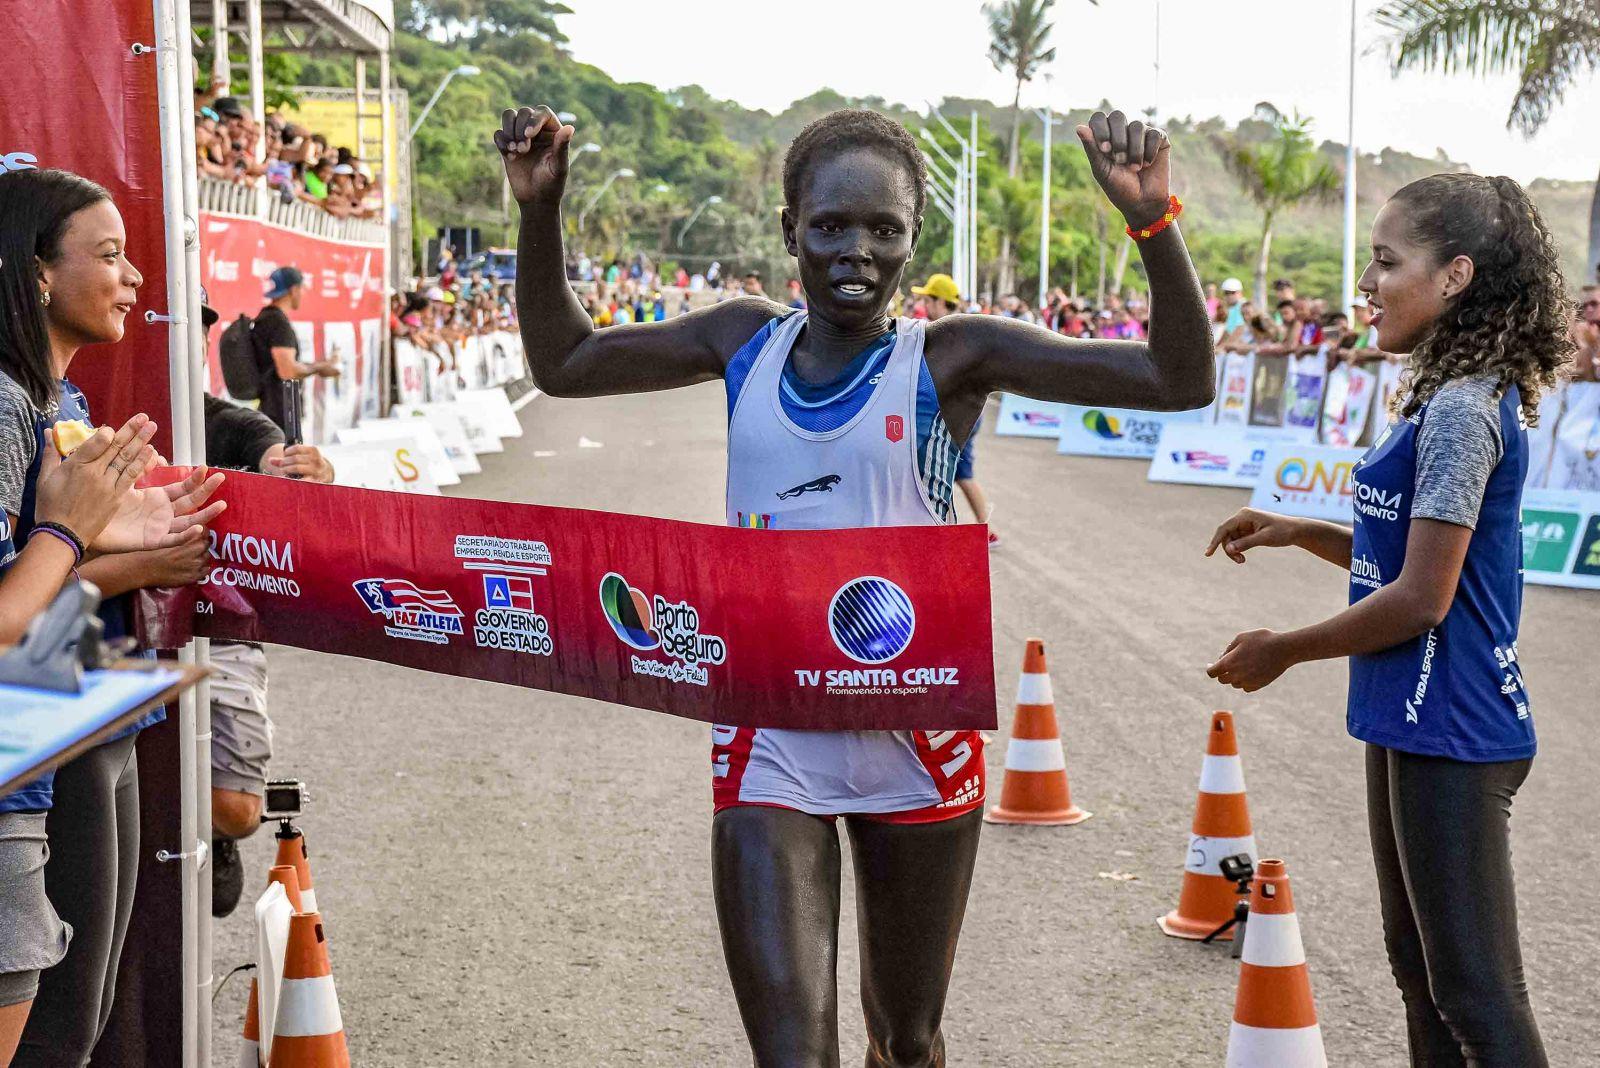 Keniana Sahron Chelmo, conquistou o primeiro lugar nas categorias de 21 KM feminina. (Foto: Ascom/Divulgação)